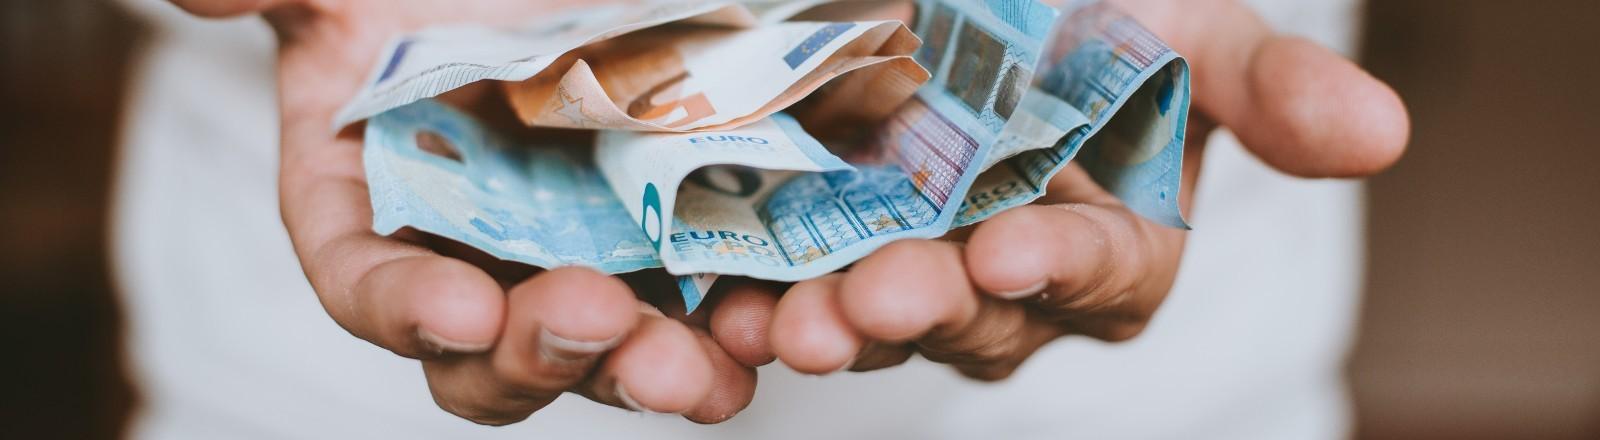 Ein Mann hält mehrere Euroscheine in seiner Hand.